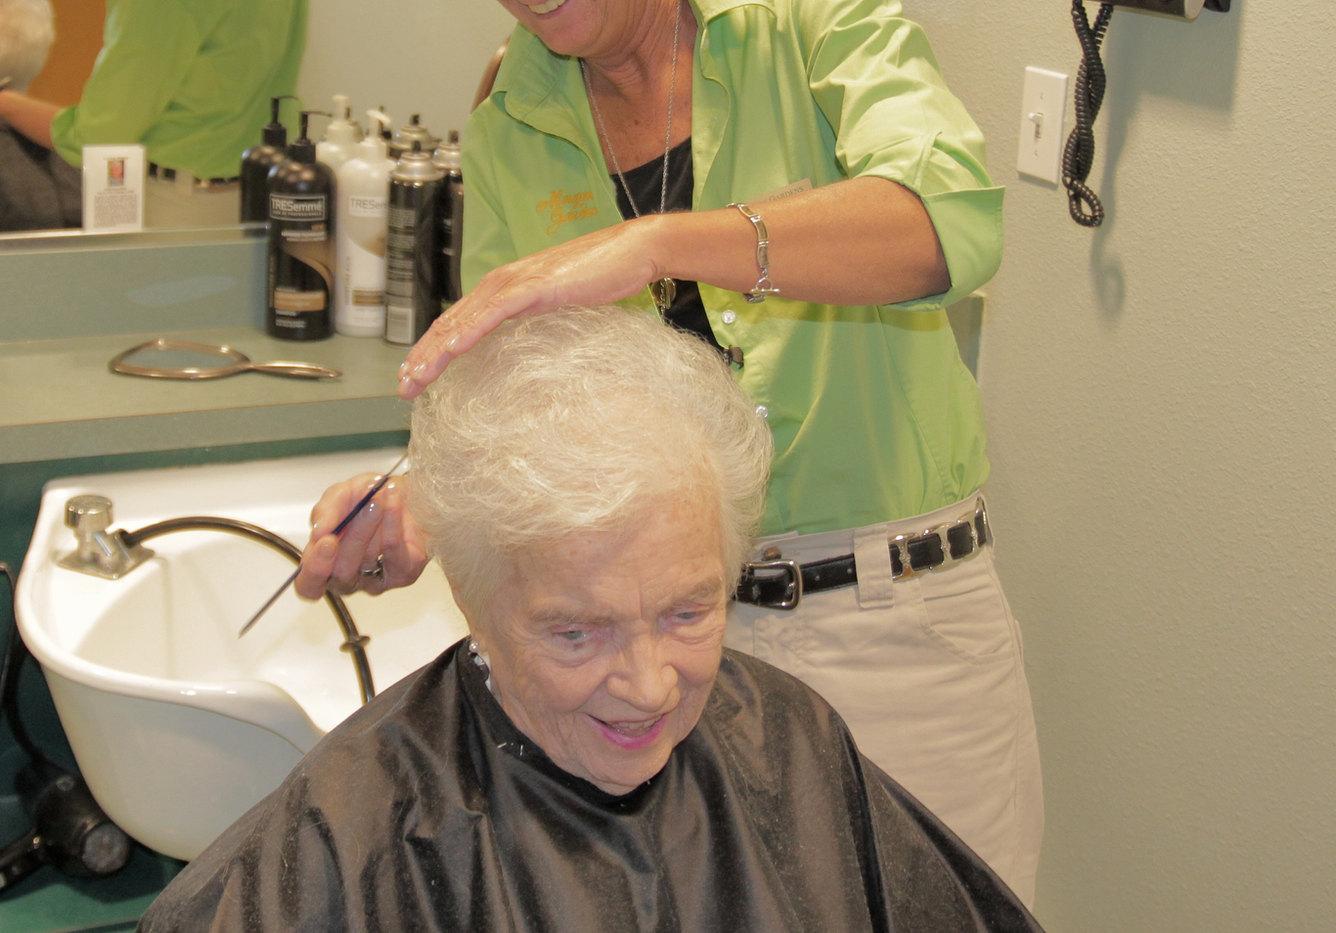 Beauty-Shop1-3225x2253.jpg